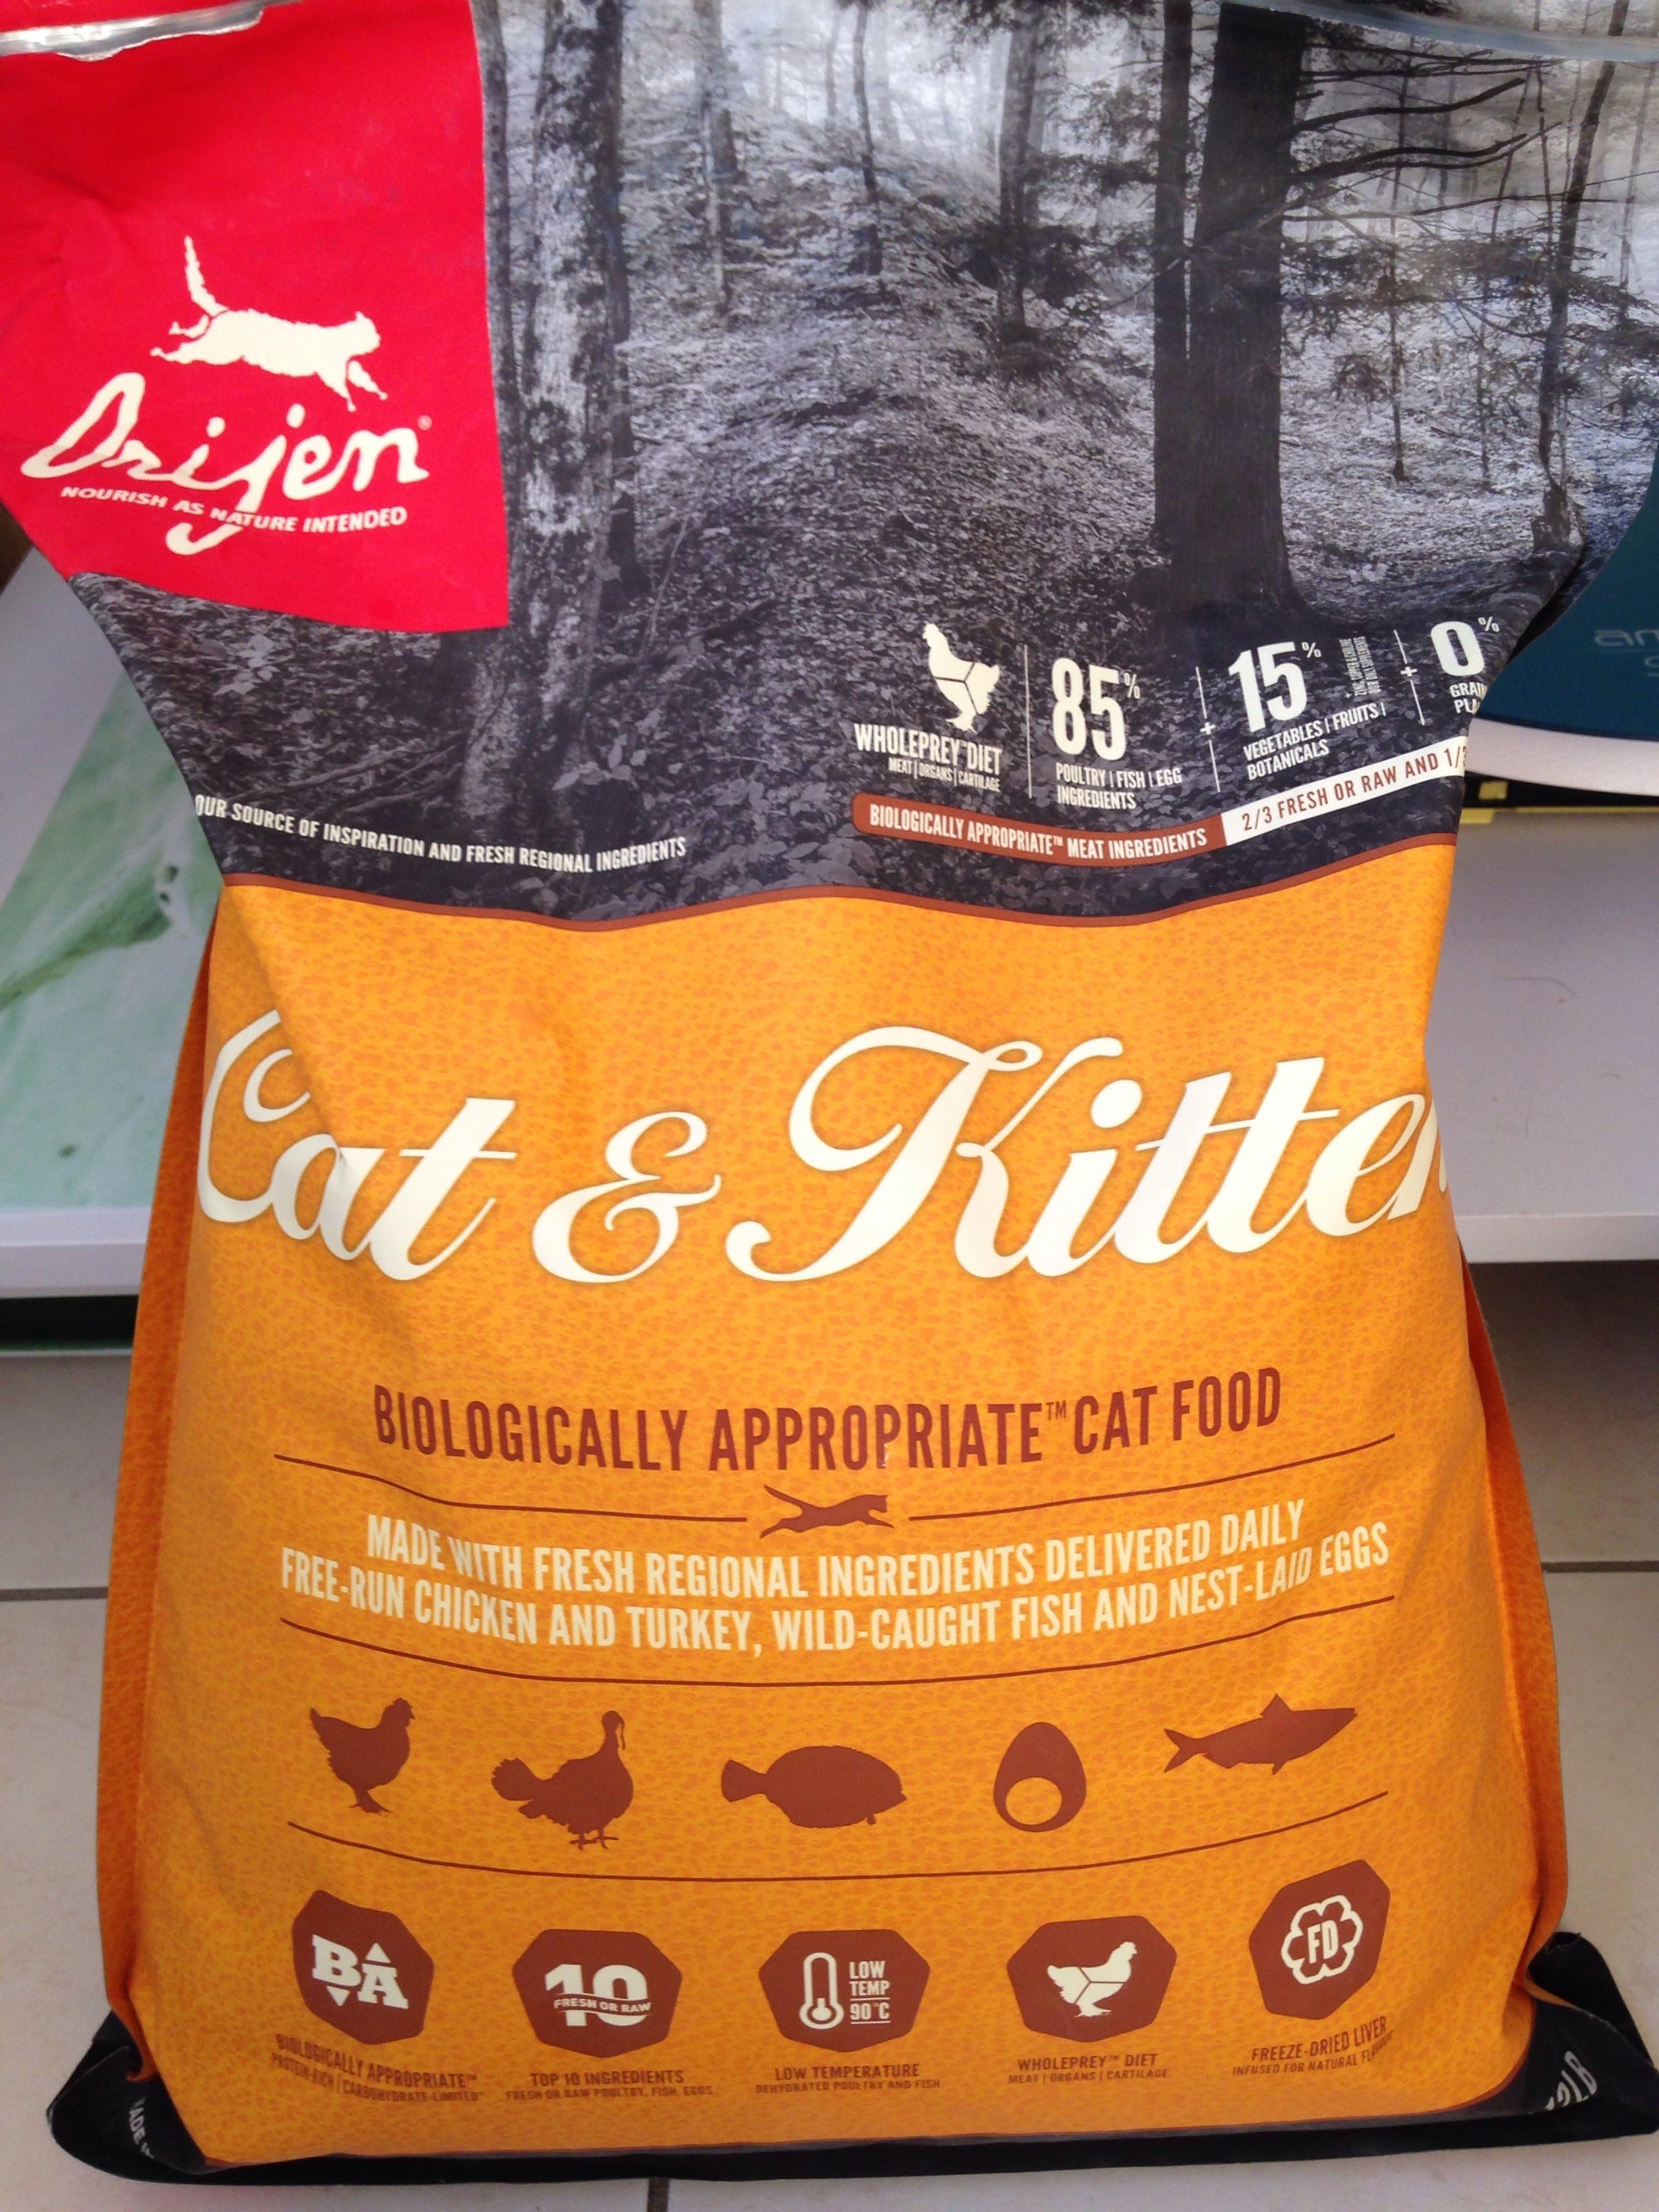 Orijen Cat & Kitten - Product